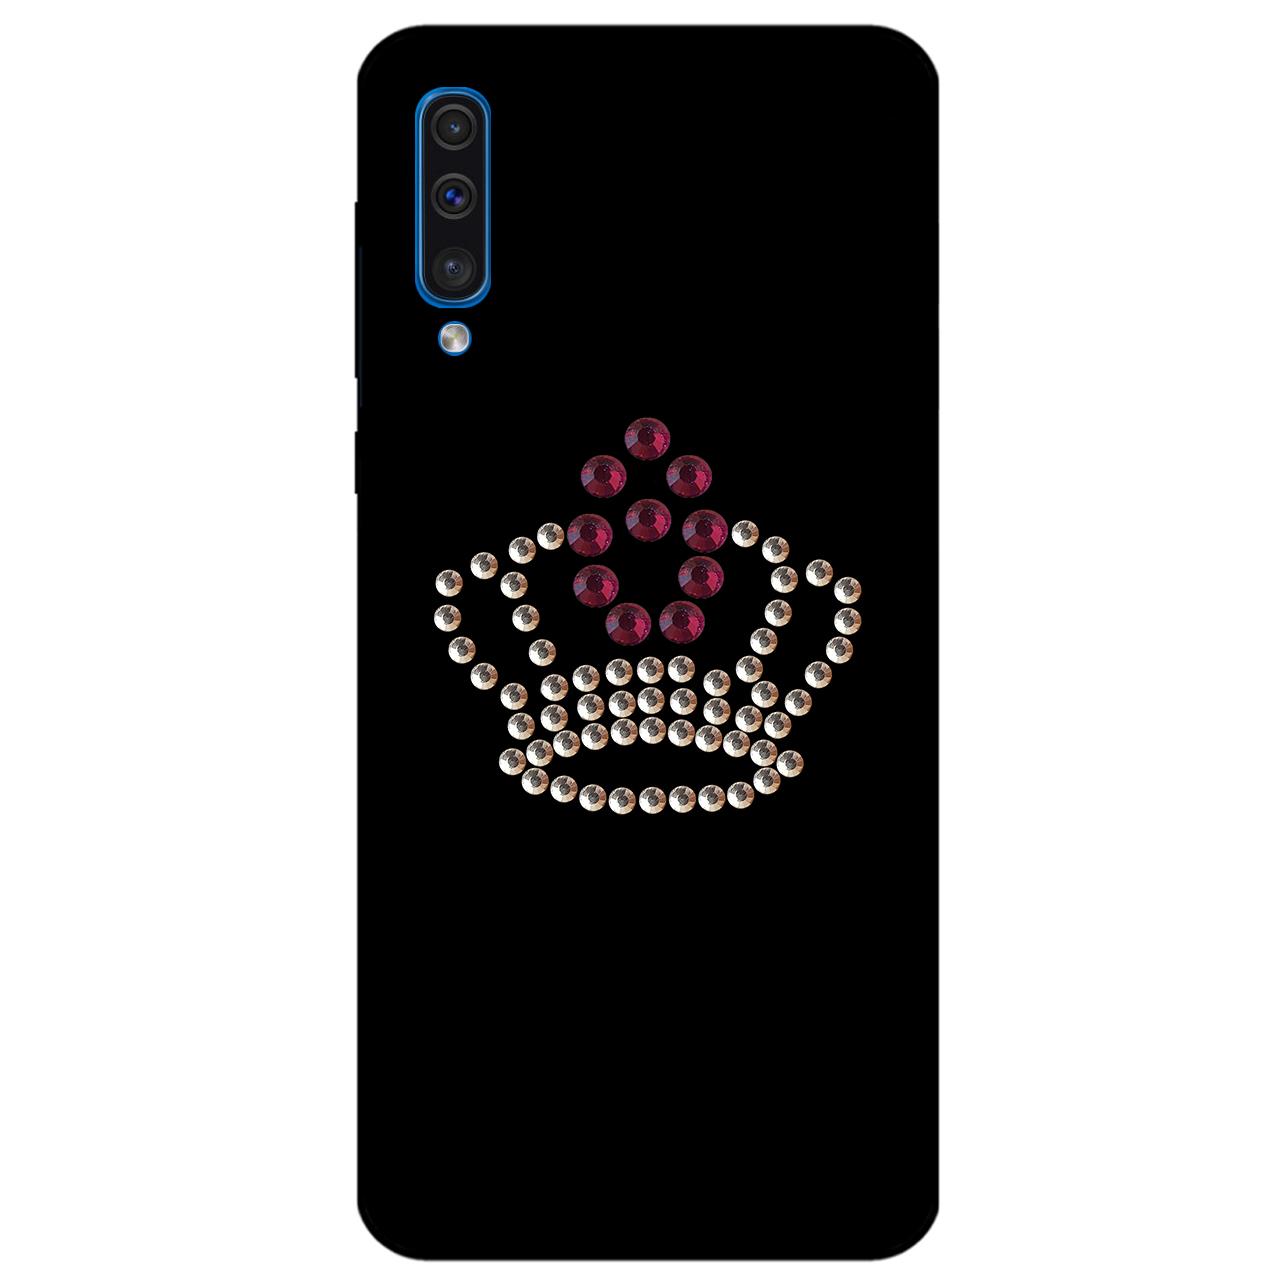 کاور کی اچ کد 224 مناسب برای گوشی موبایل سامسونگ Galaxy A70 2019